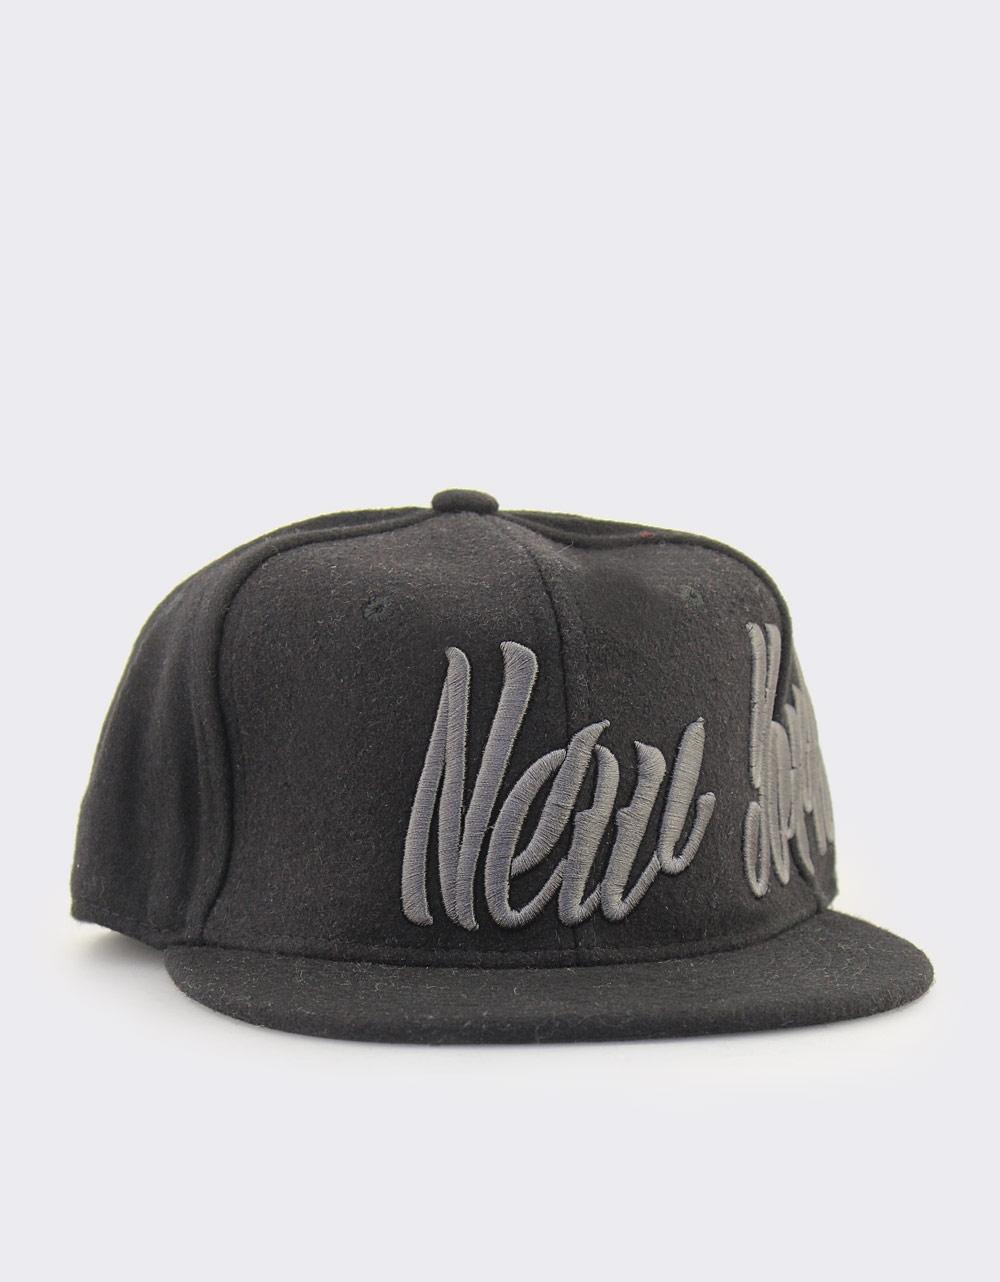 Εικόνα από Γυναικεια καπέλα με τύπωμα New York Μαύρο